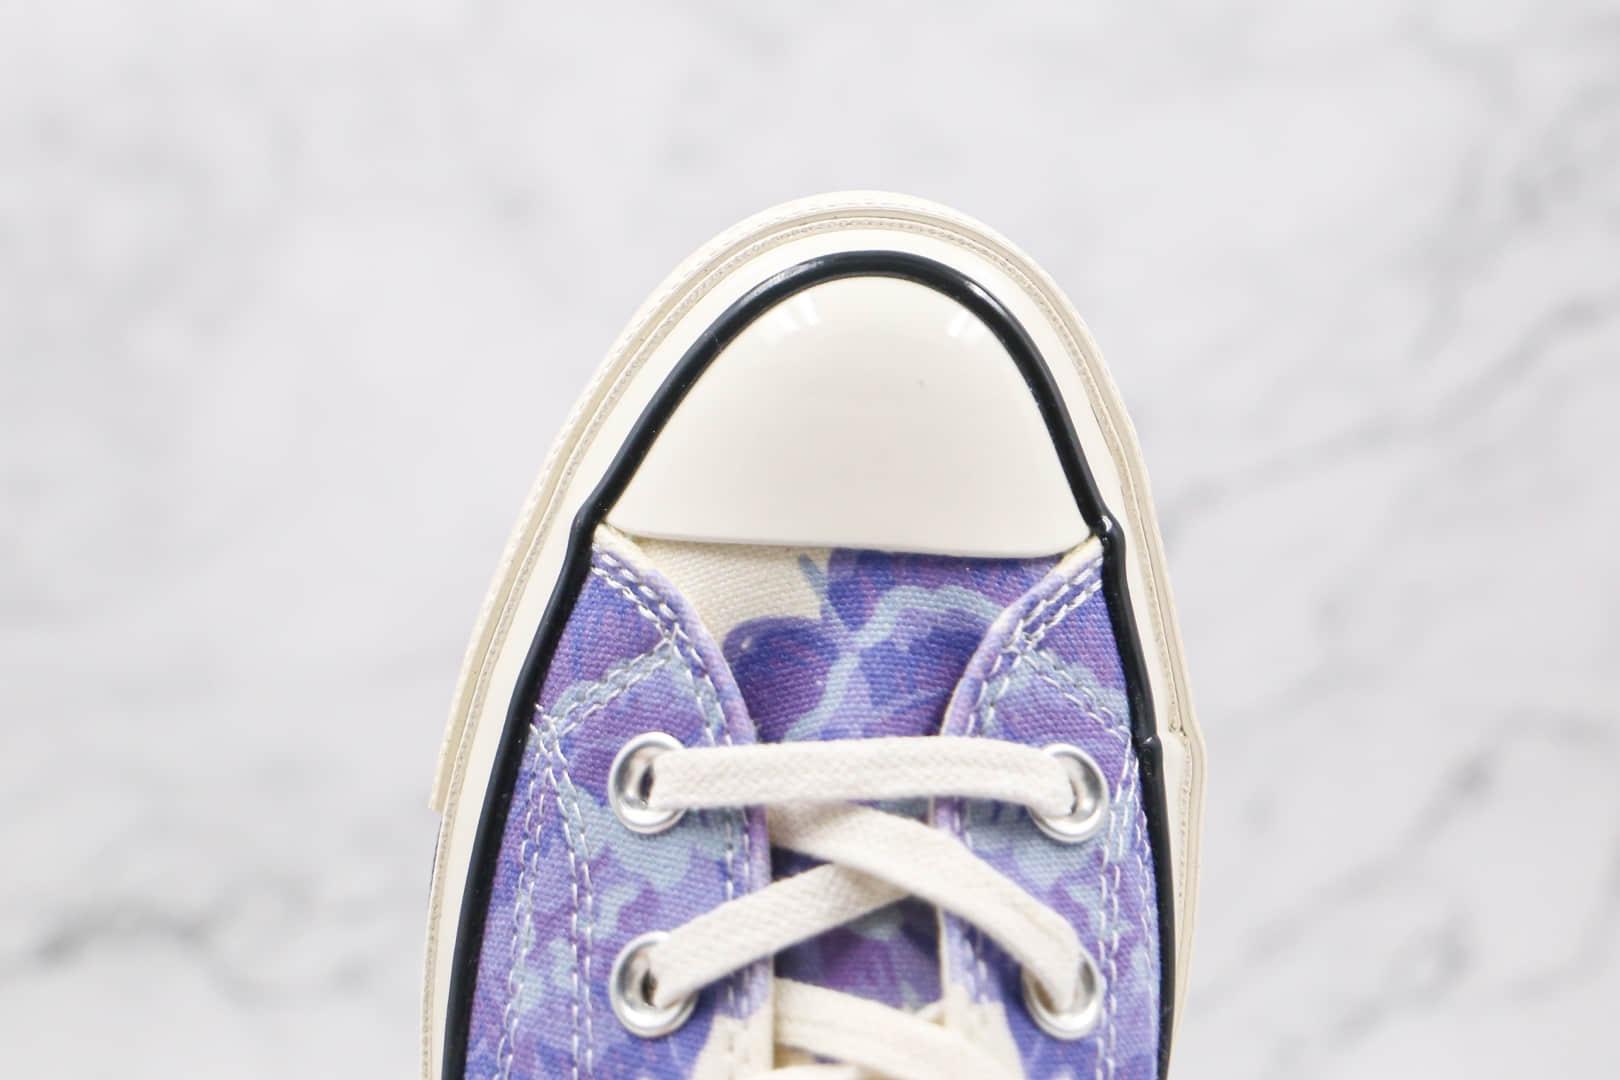 匡威converse 2021 1970s公司级版本低帮花卉紫色图案硫化板鞋原盒原标